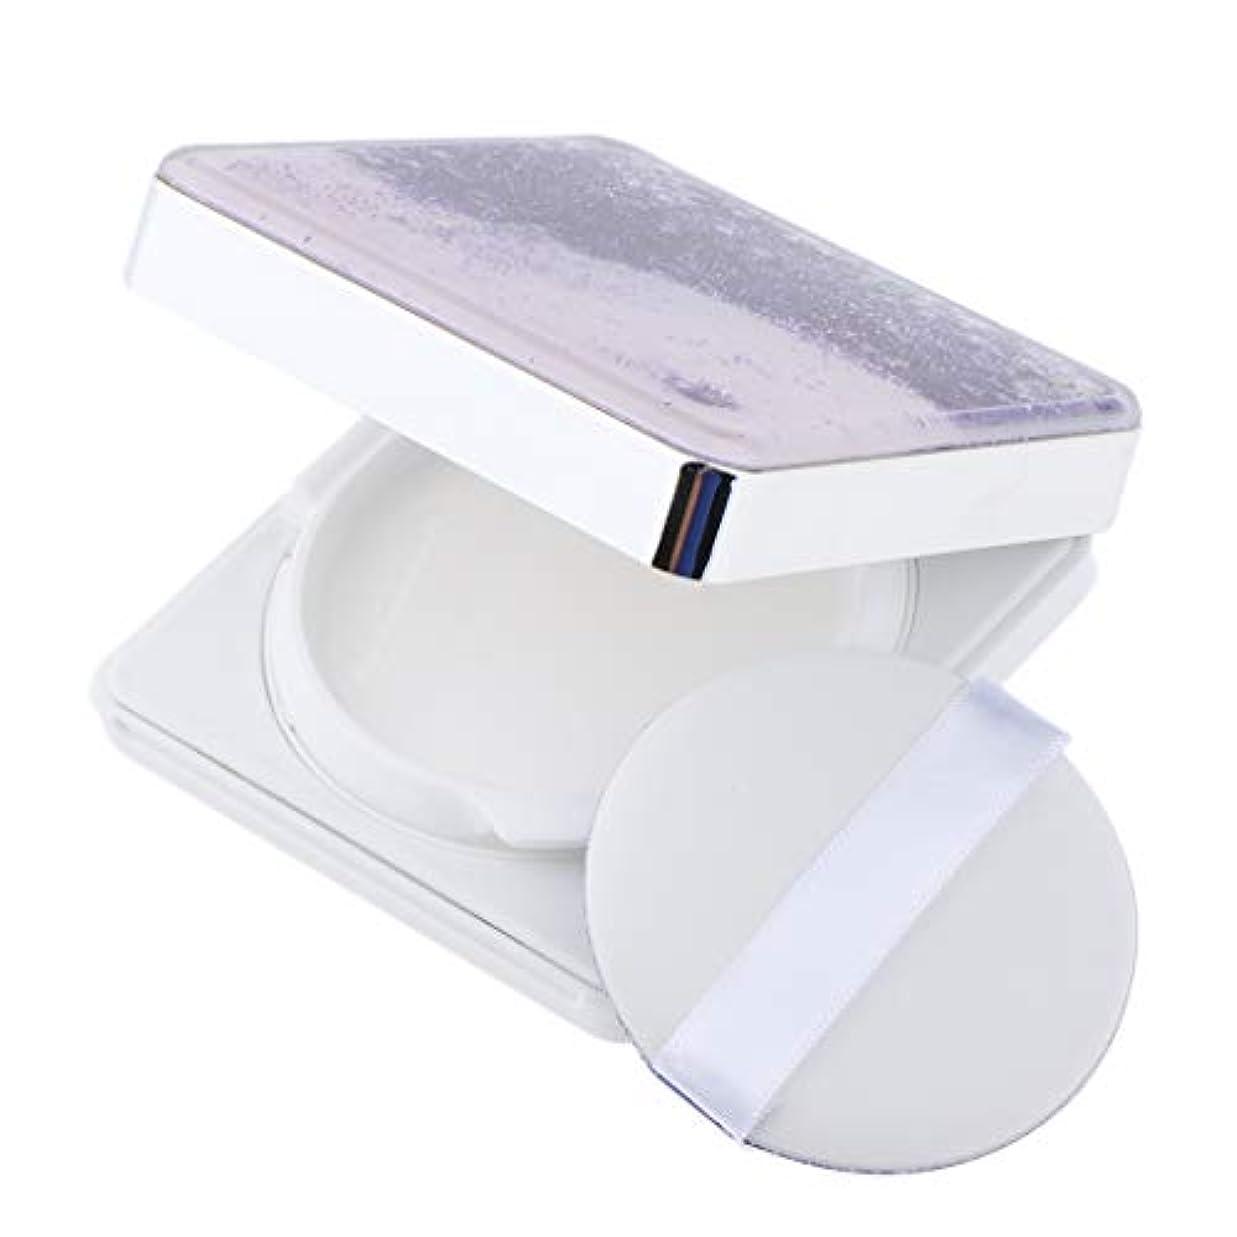 九月歯痛依存するB Blesiya エアクッションケース パフ 空ケース DIY コスメ 旅行小物 3色選べ - 紫